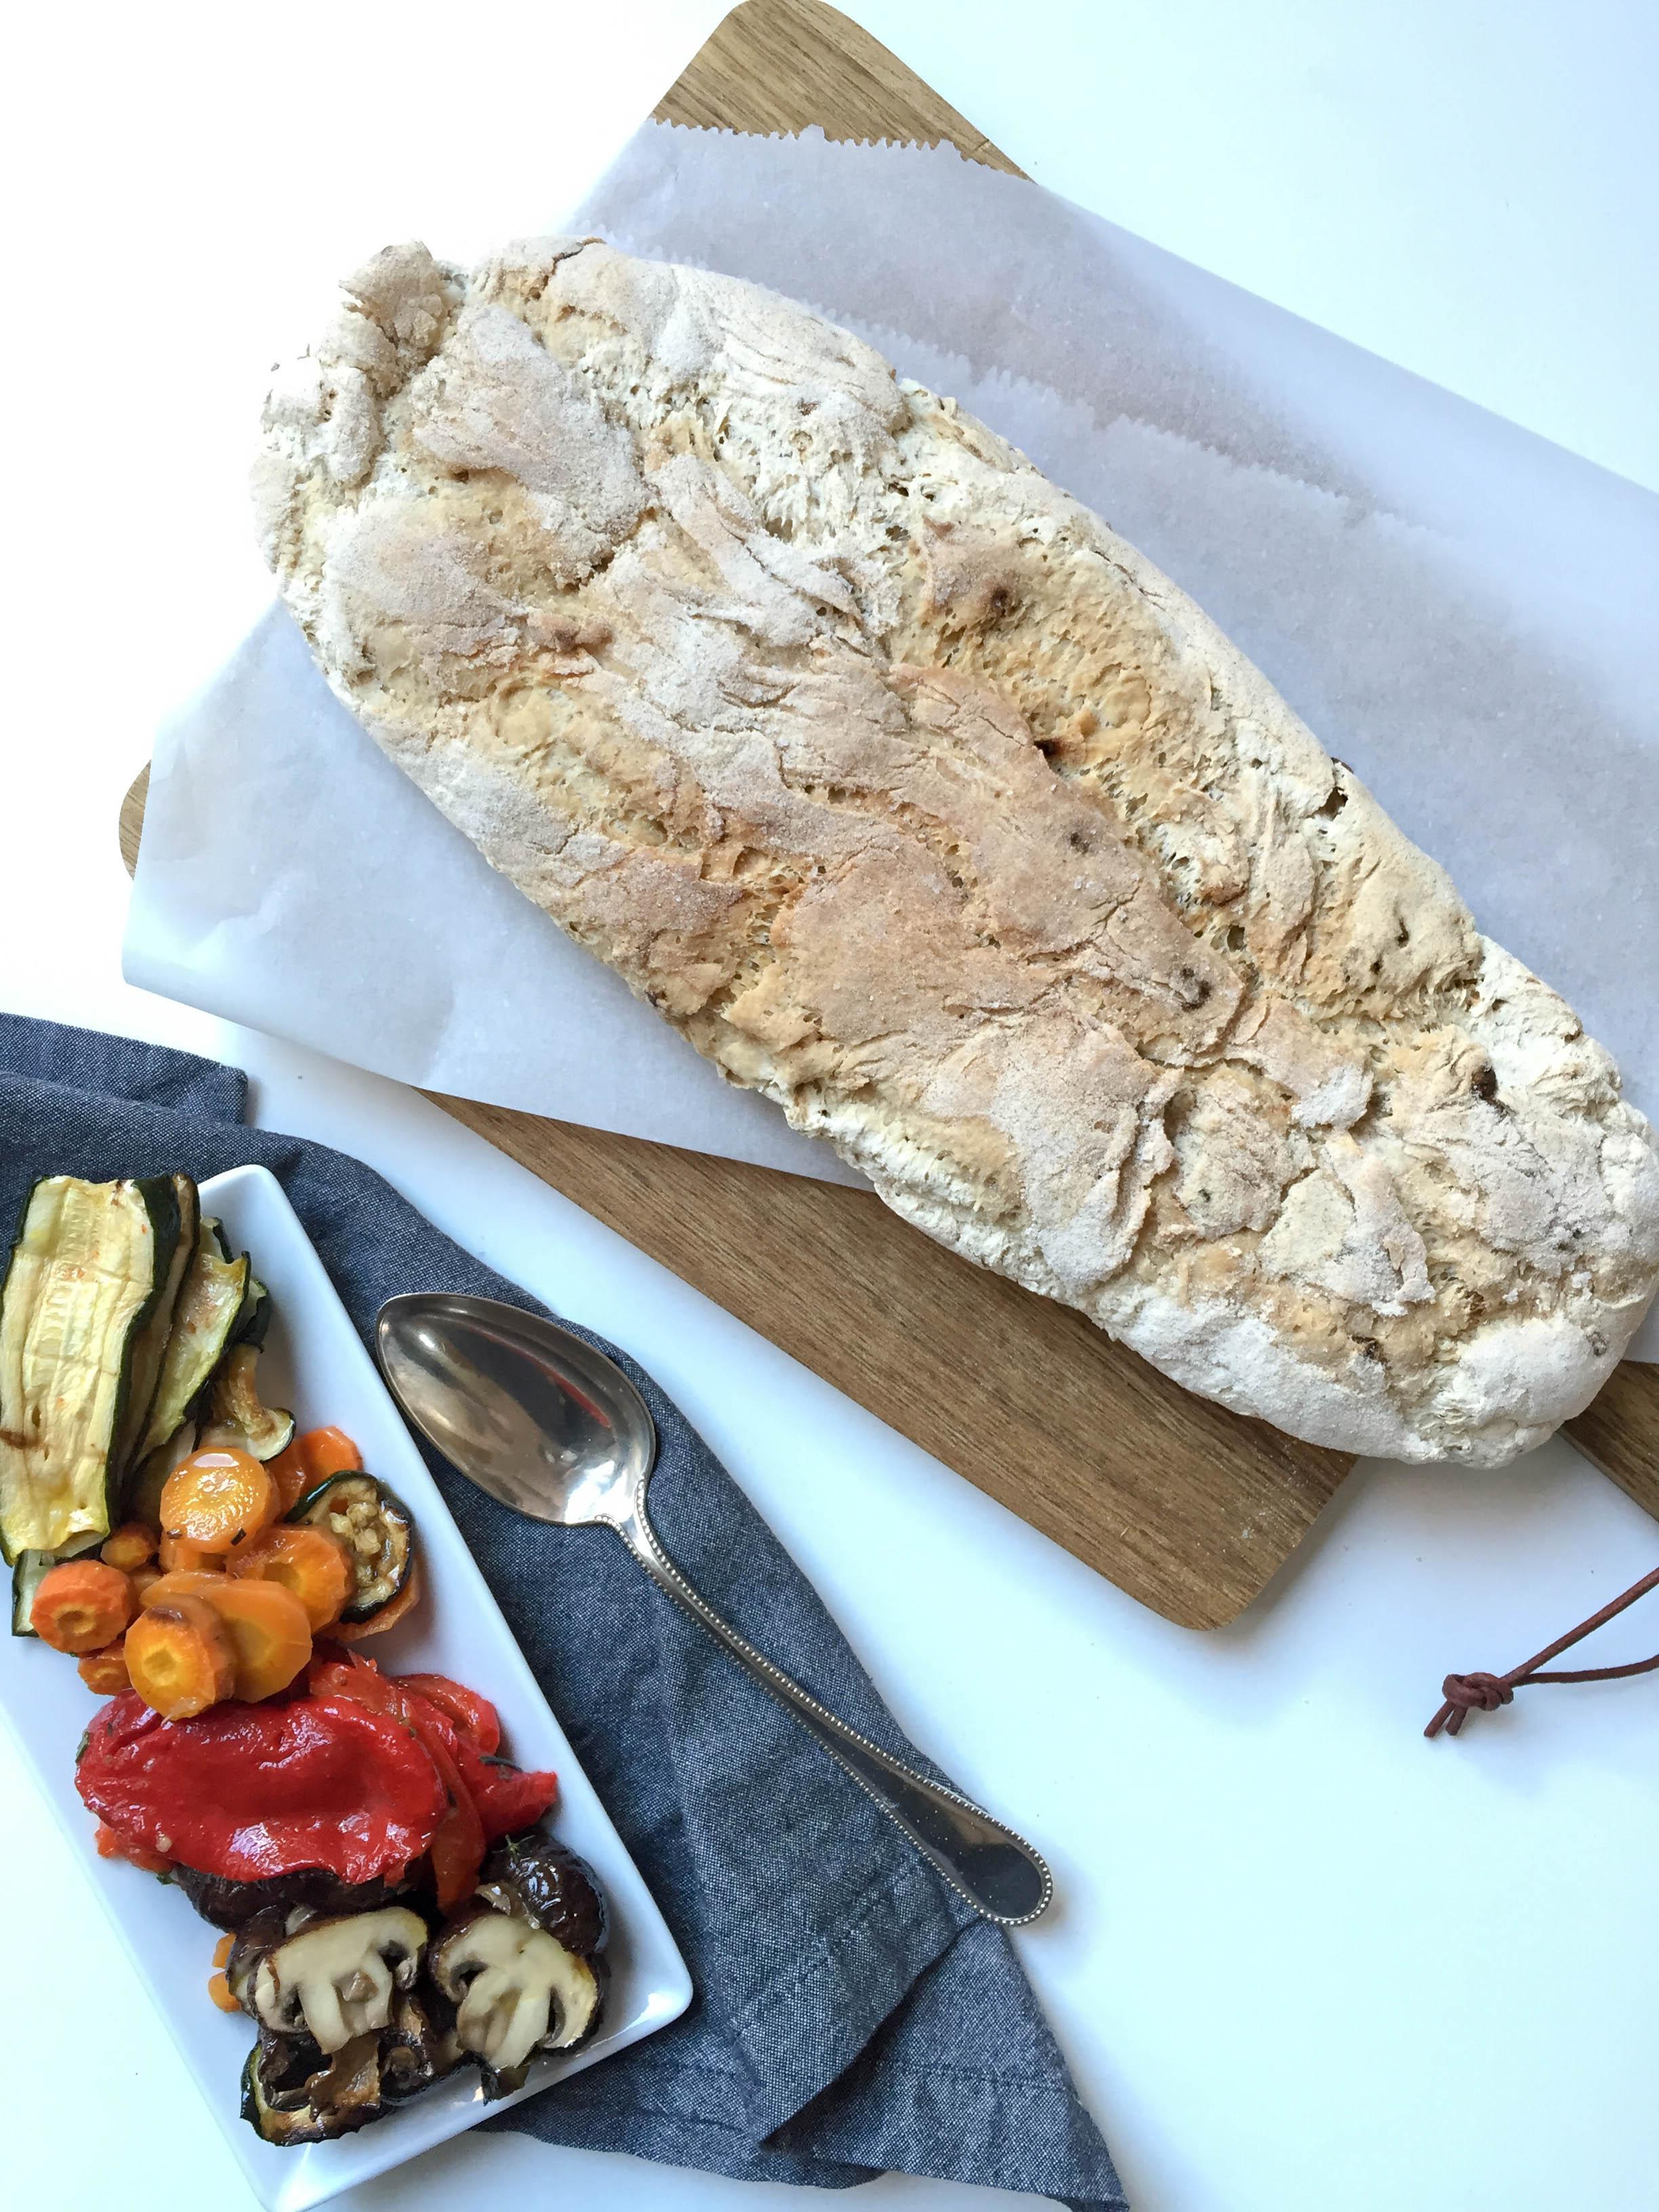 Antipasti und glutenfreies Brot